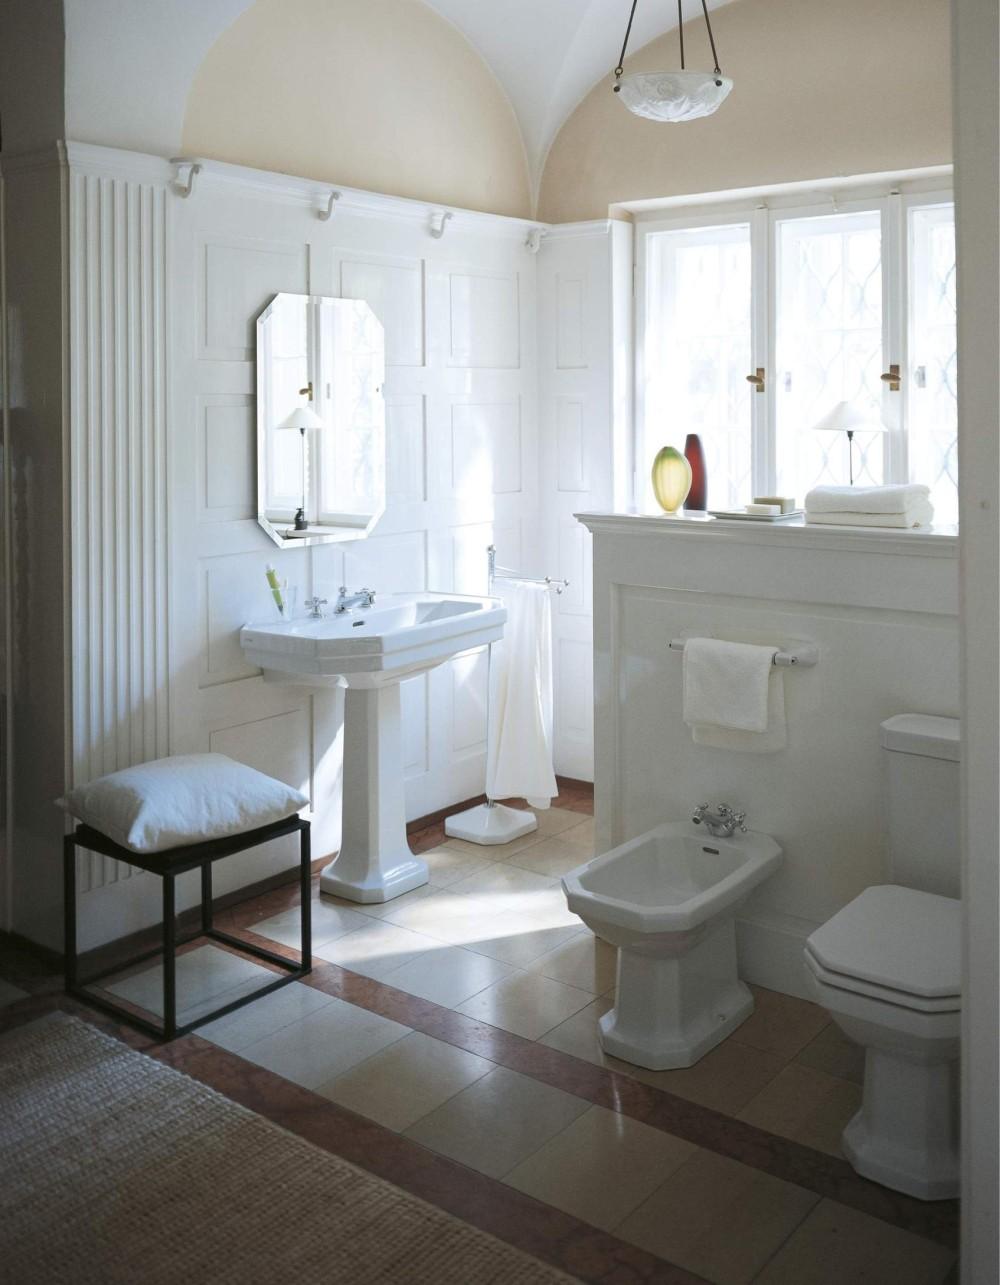 łazienka Klasyczna I 6 Powodów Dlaczego Warto Wybrać Ten